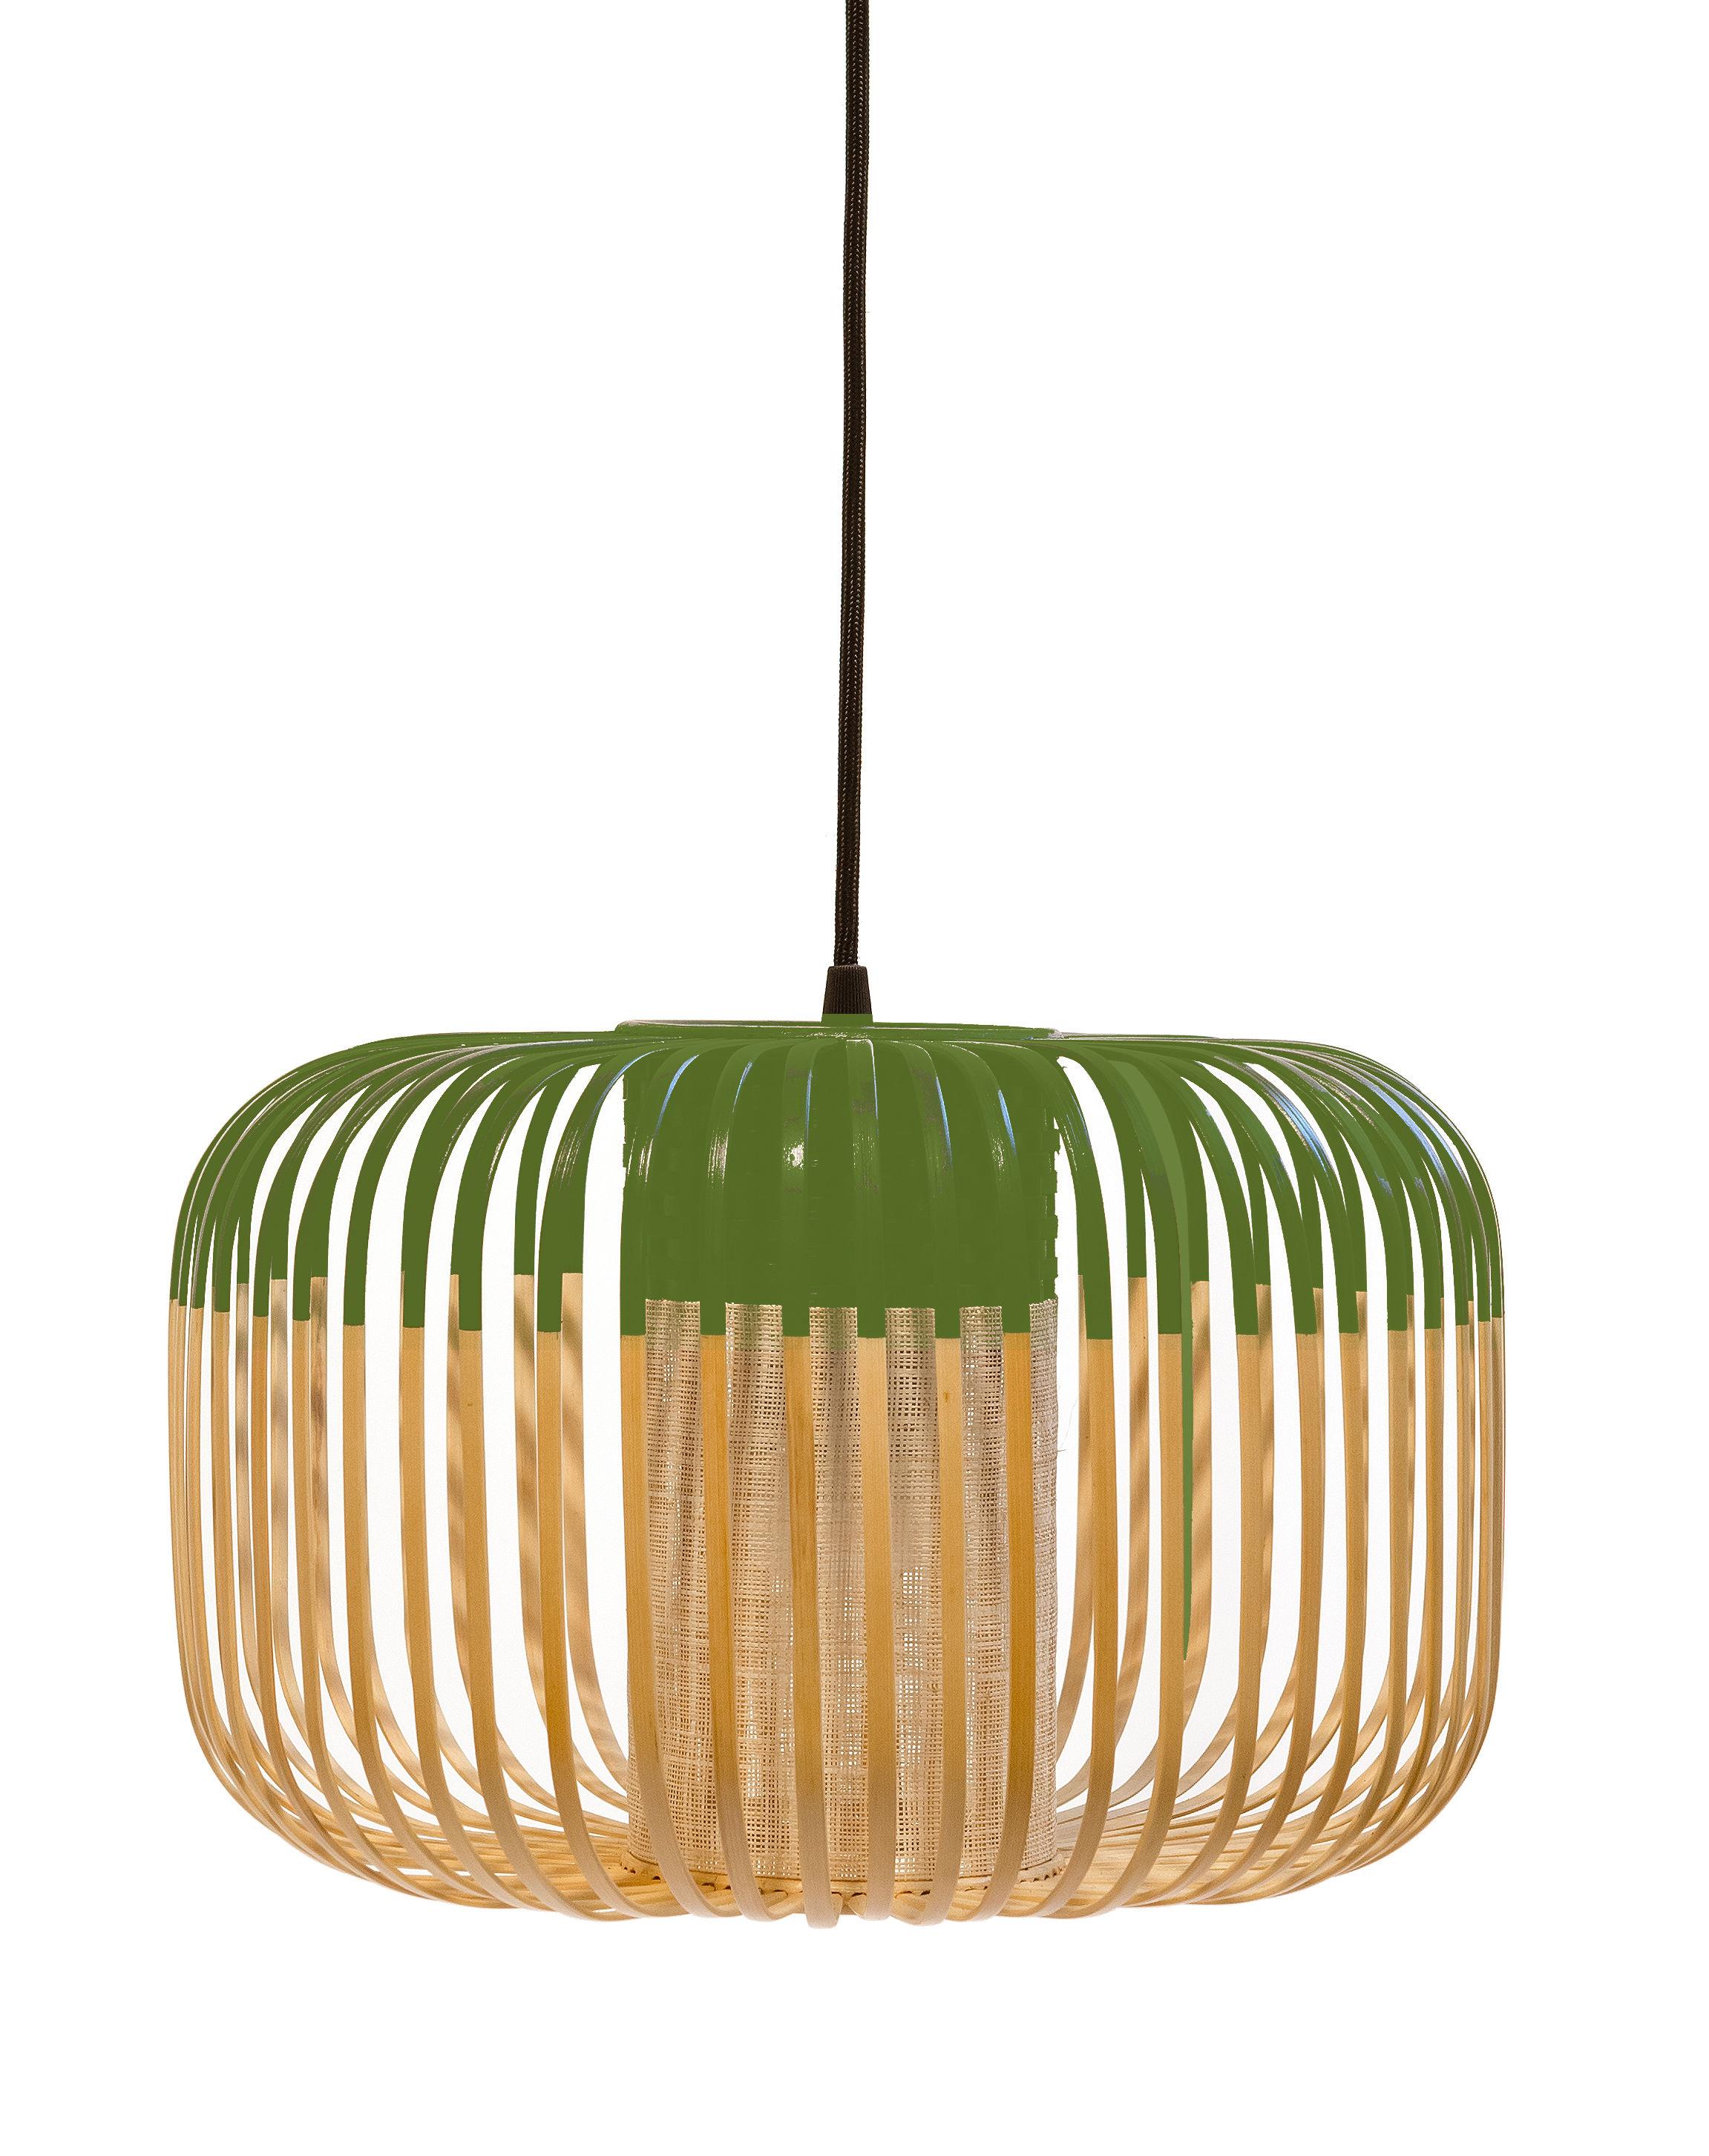 Leuchten - Pendelleuchten - Bamboo Light S Pendelleuchte / H 23 cm x Ø 35 cm - Forestier - Grün / natur - Gewebe, Metall, Naturbambus